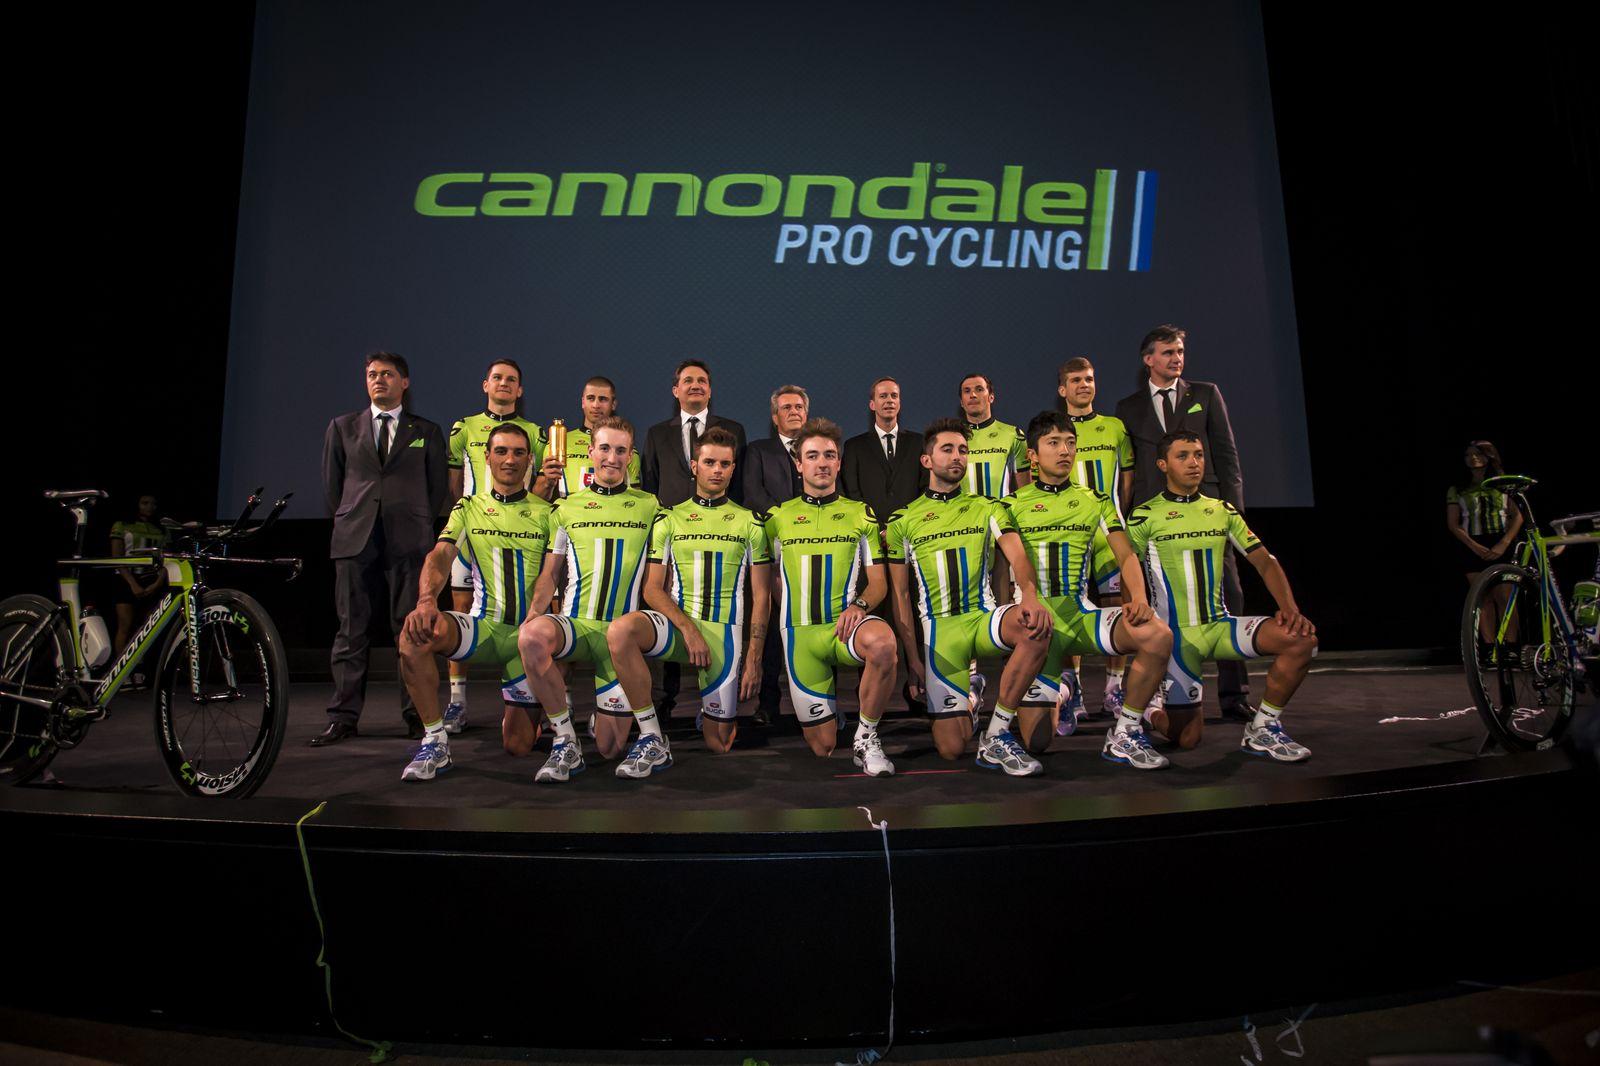 Presentazione Cannondale Team 2013